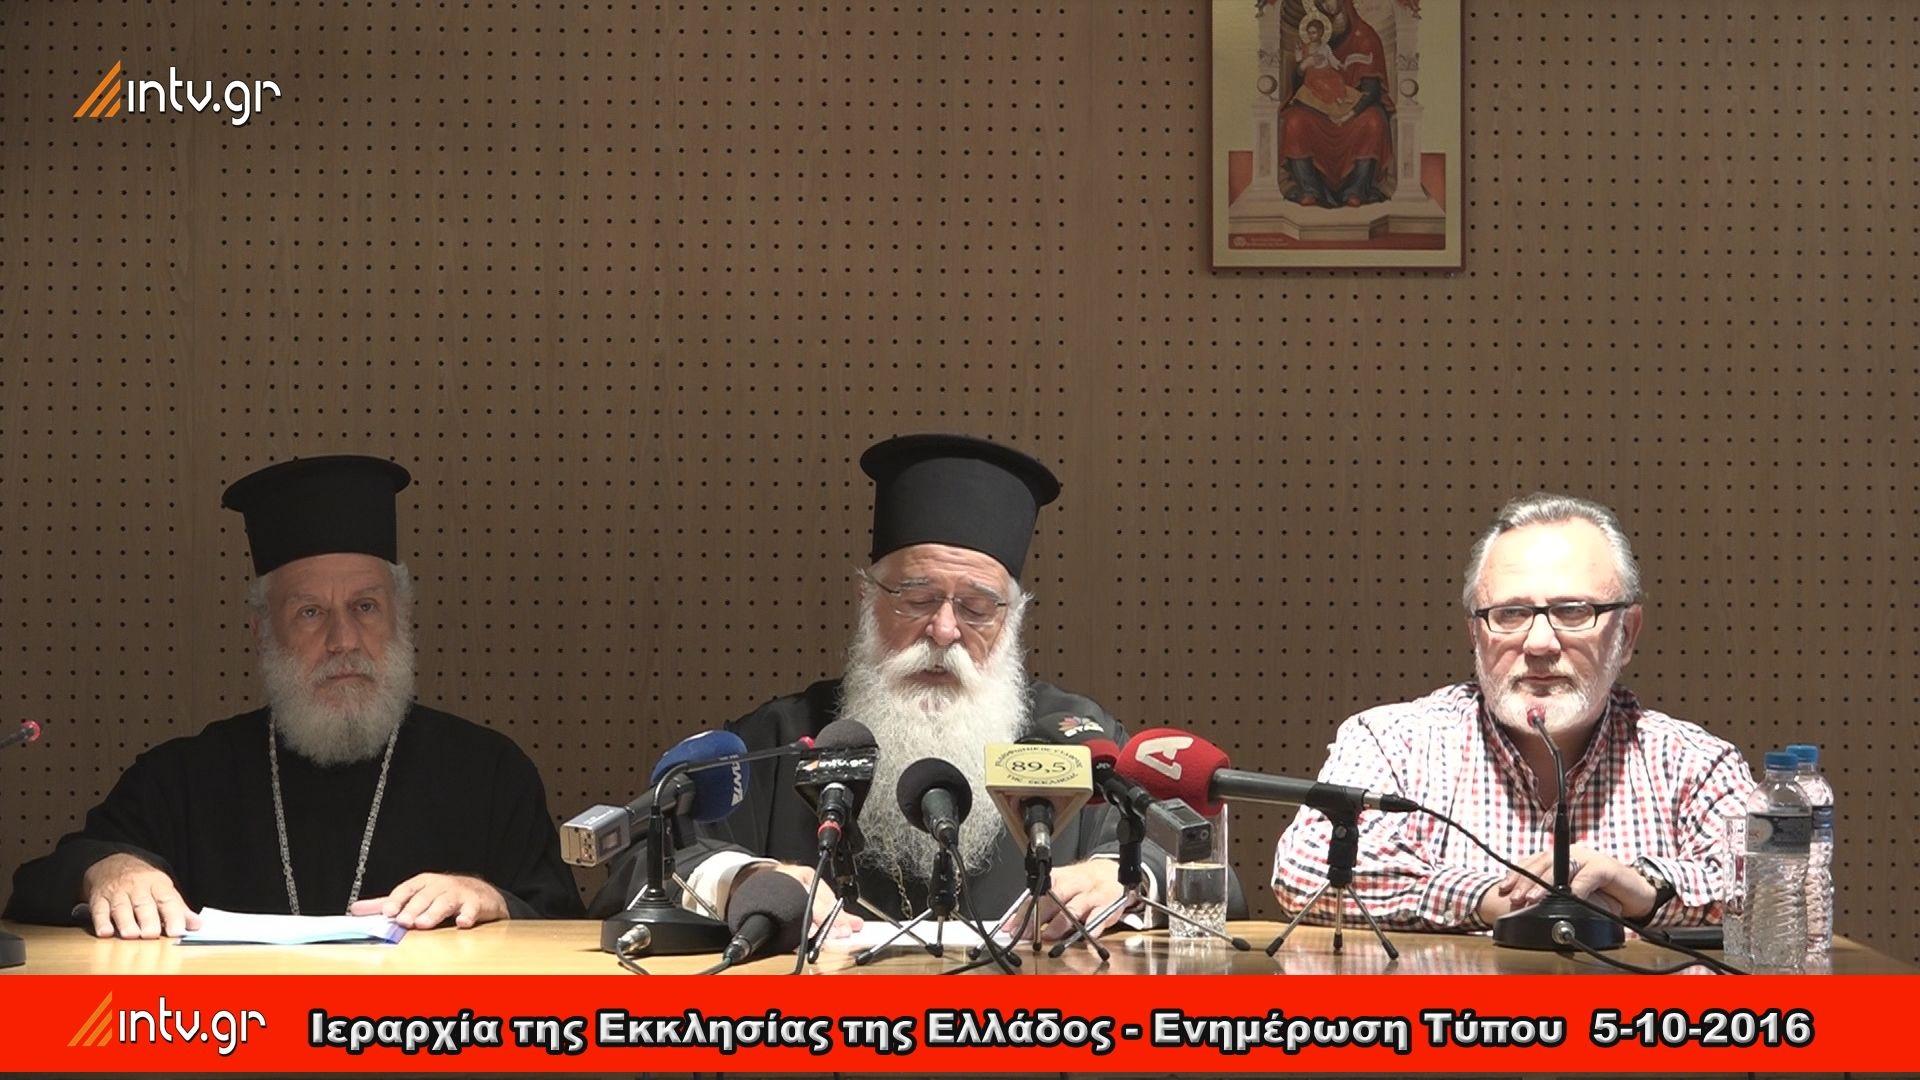 Ιεραρχία της Εκκλησίας της Ελλάδος - Ενημέρωση Τύπου  5-10-2016